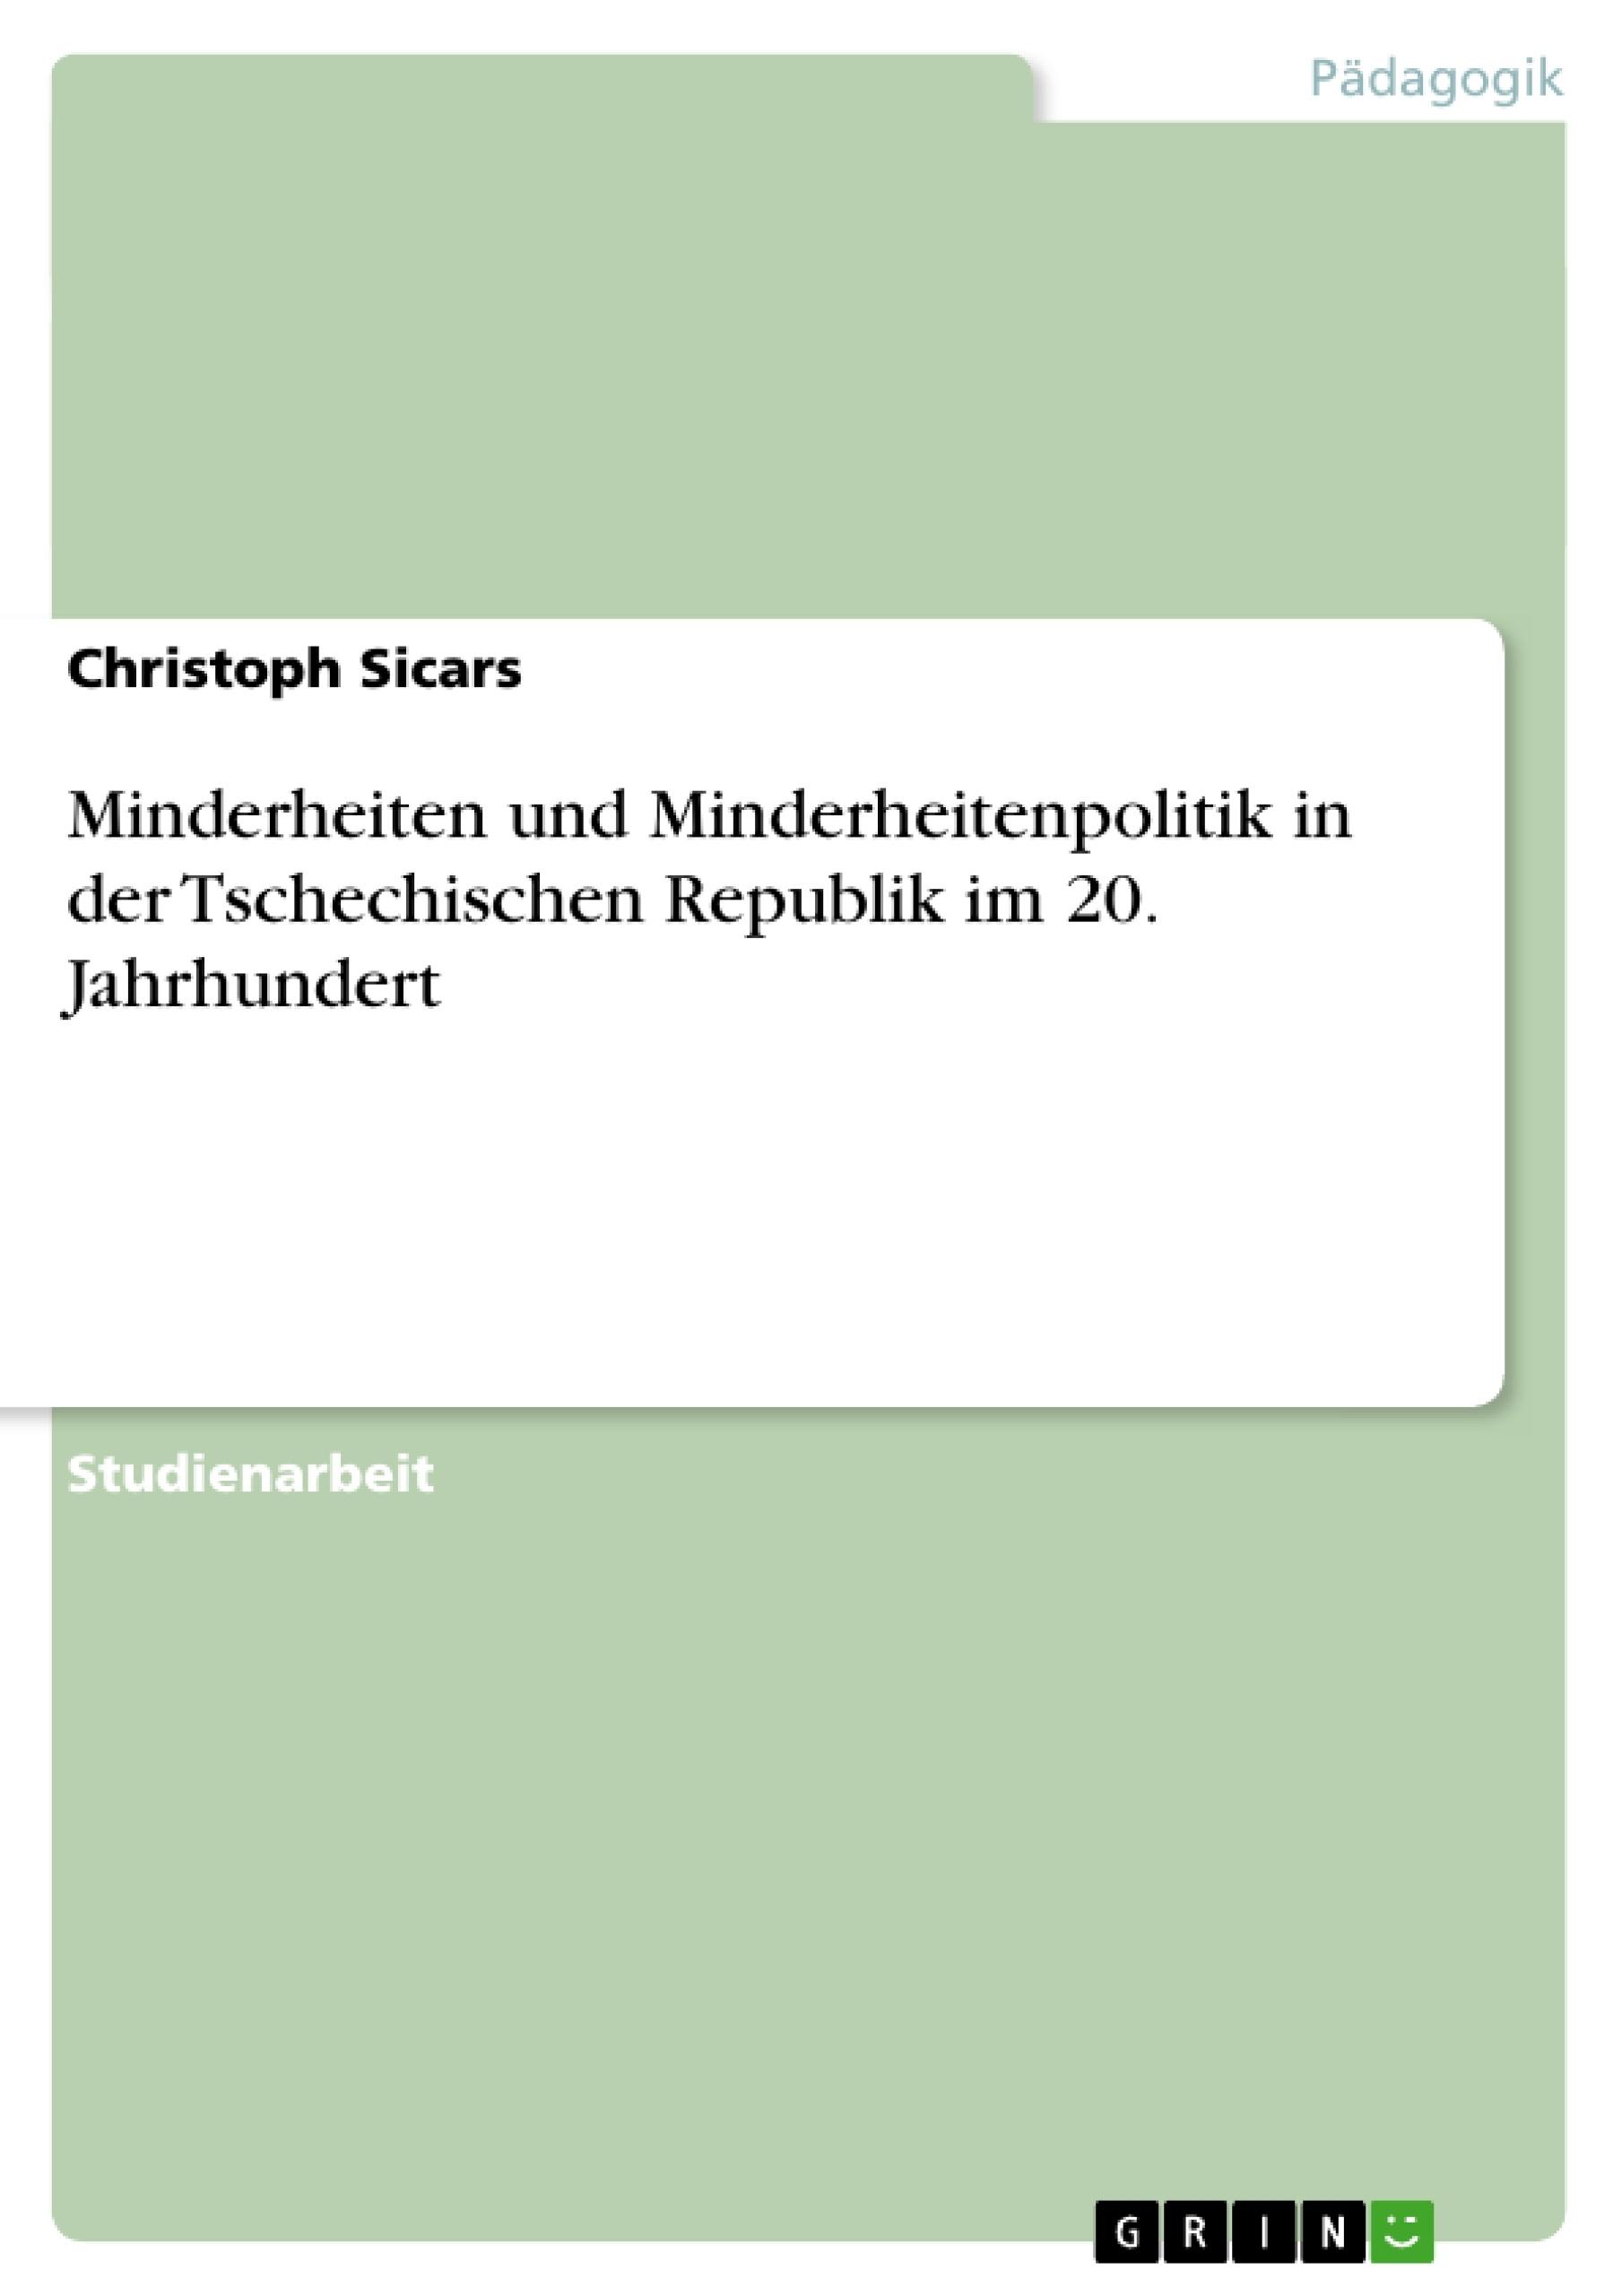 Titel: Minderheiten und Minderheitenpolitik in der Tschechischen Republik im 20. Jahrhundert